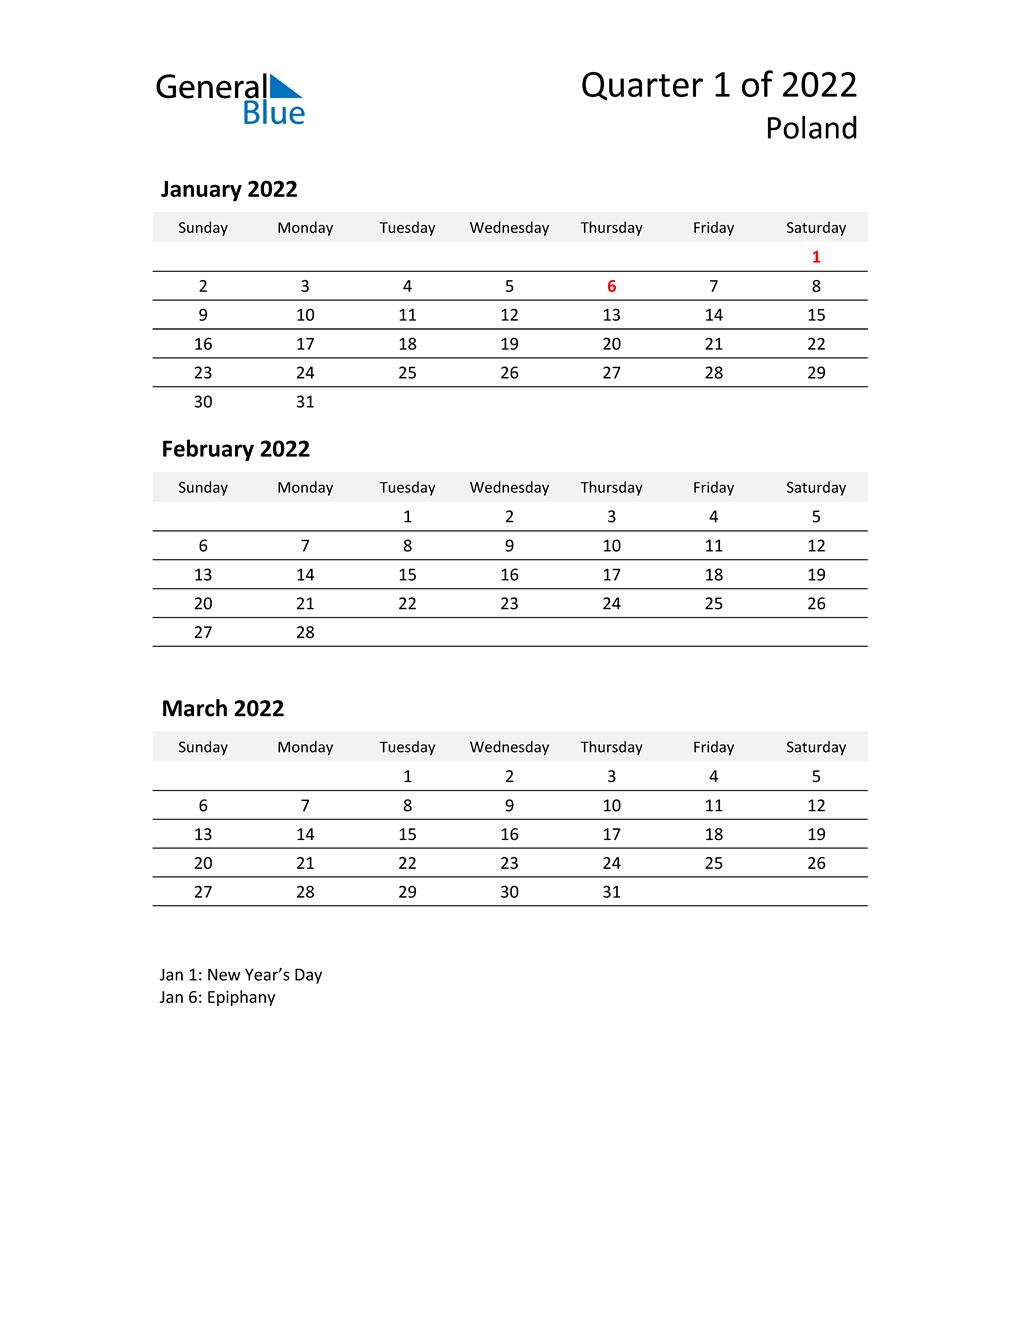 2022 Three-Month Calendar for Poland